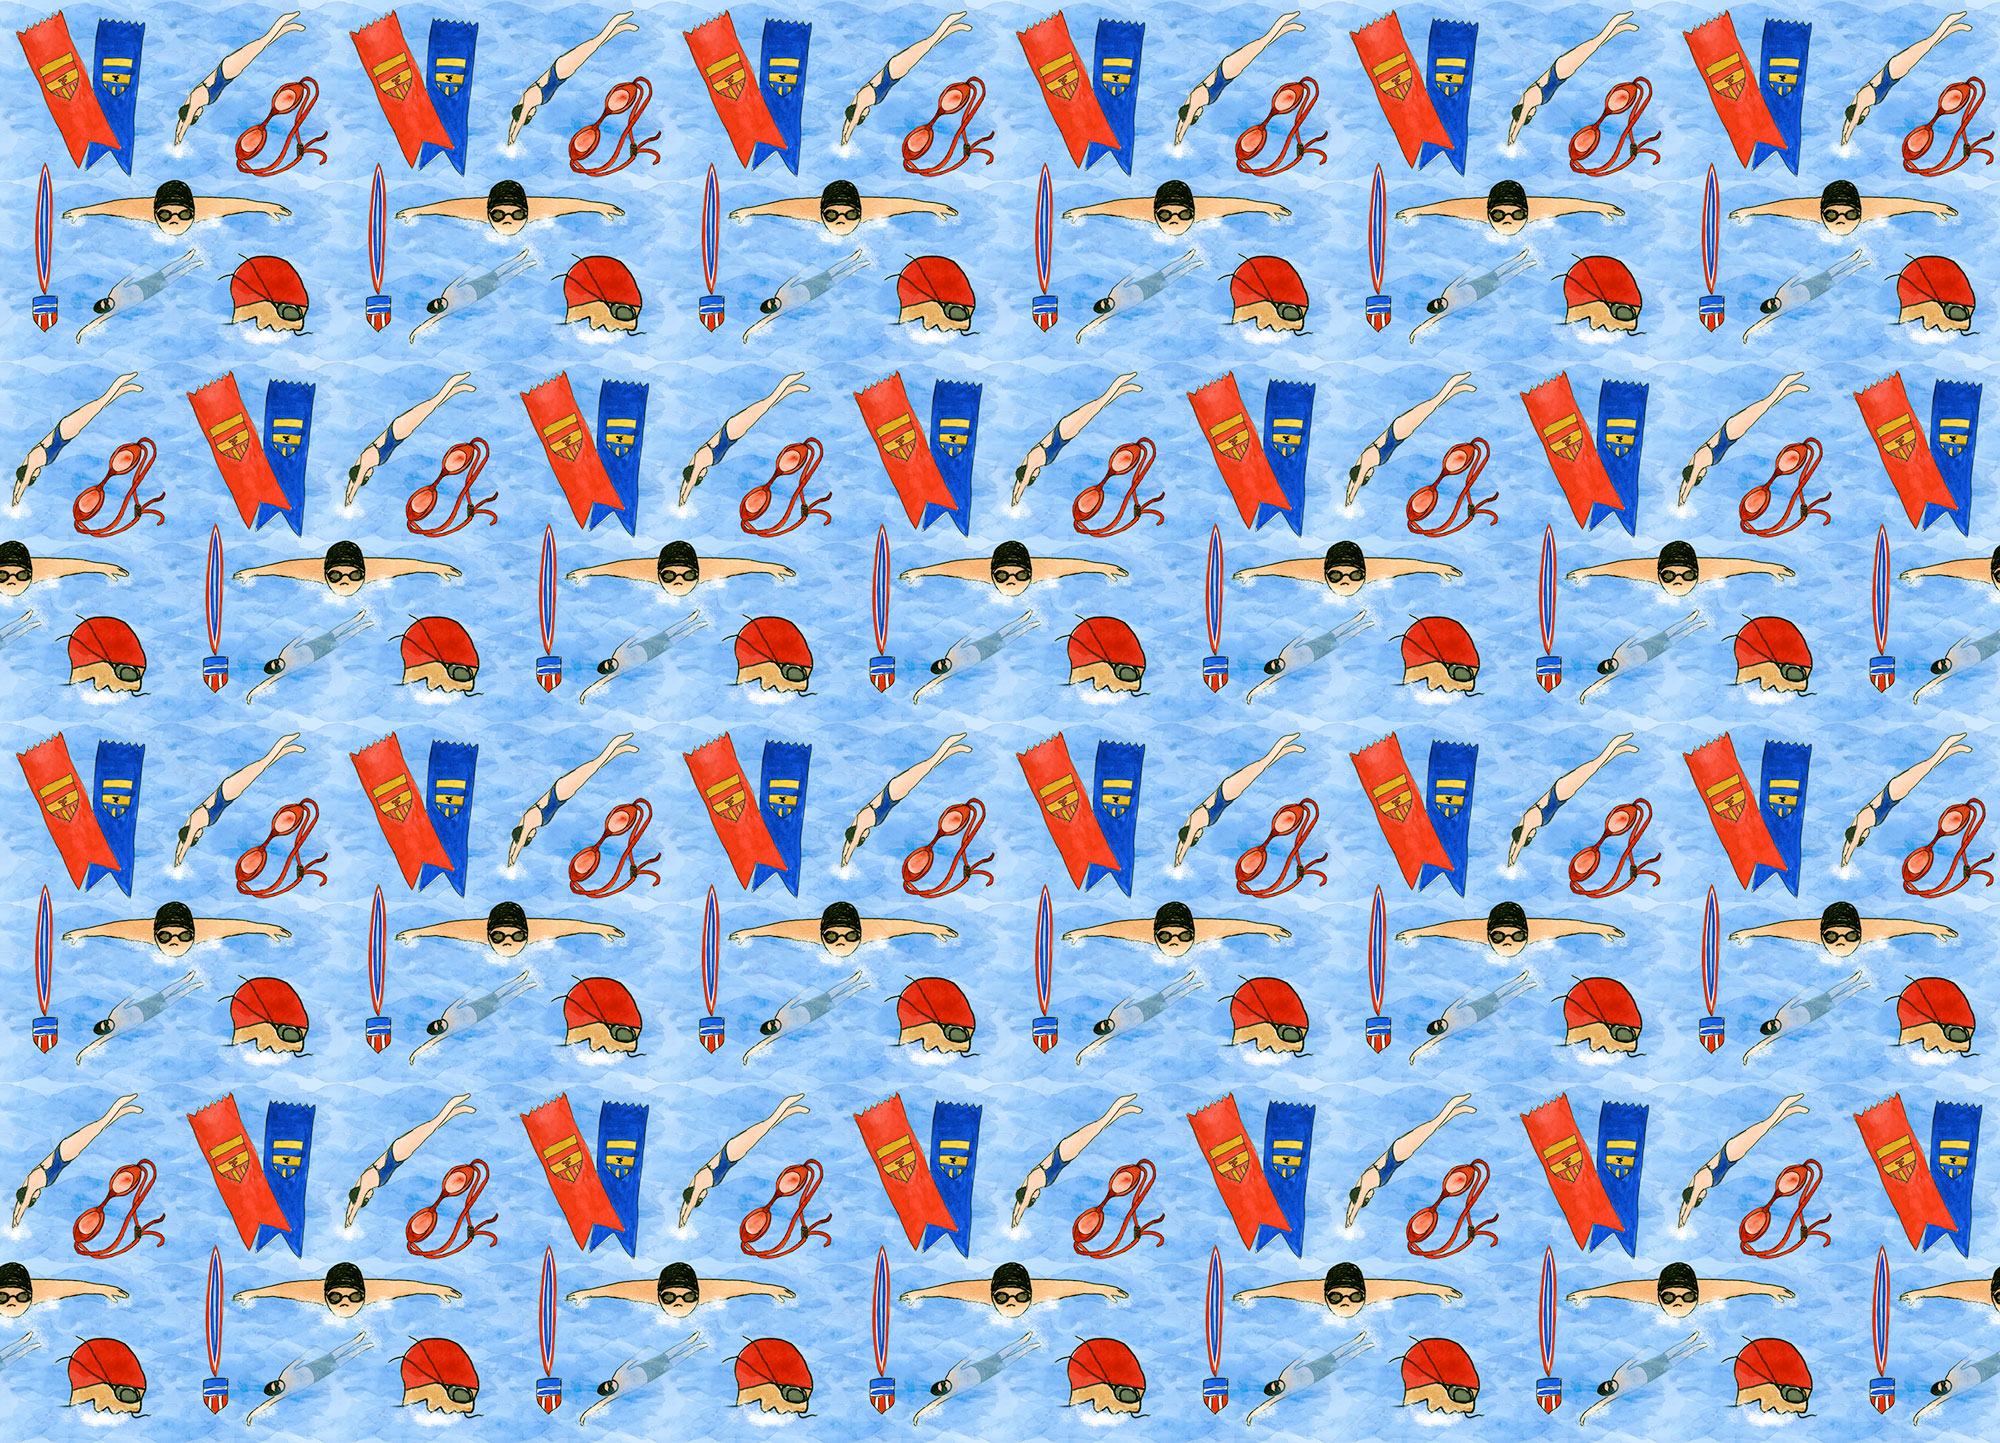 Swim Champs Fabric Print Design by Eileen McKenna